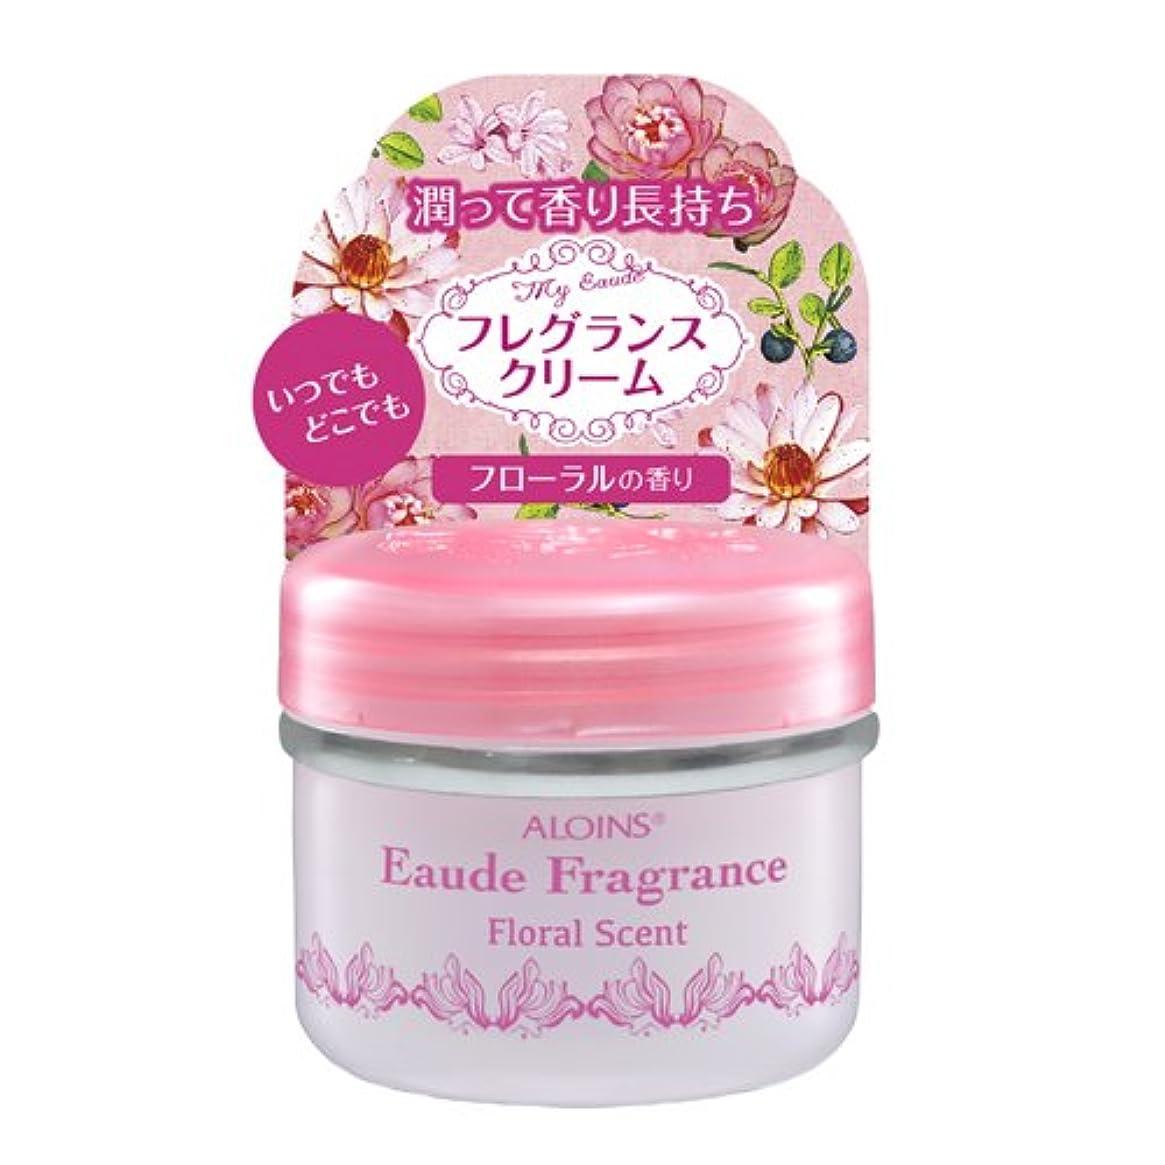 コンサート重要な役割を果たす、中心的な手段となる美人アロインス オーデフレグランス フローラルの香り 35g